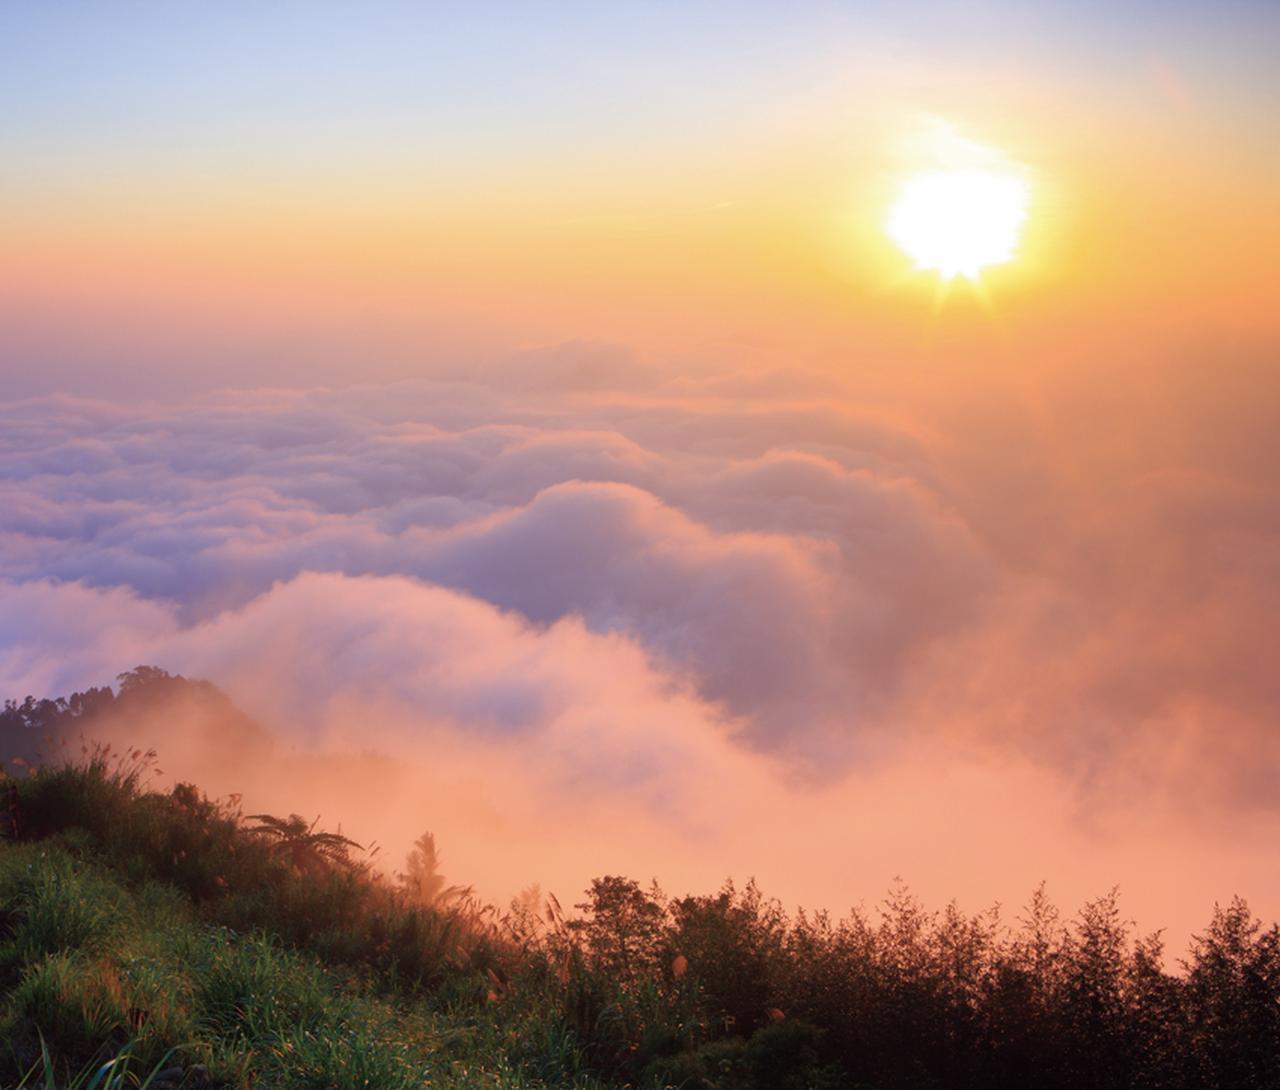 【台北からのプチトリップ】雲海と天空の鏡が見れる絶景スポットへ [FRaU]